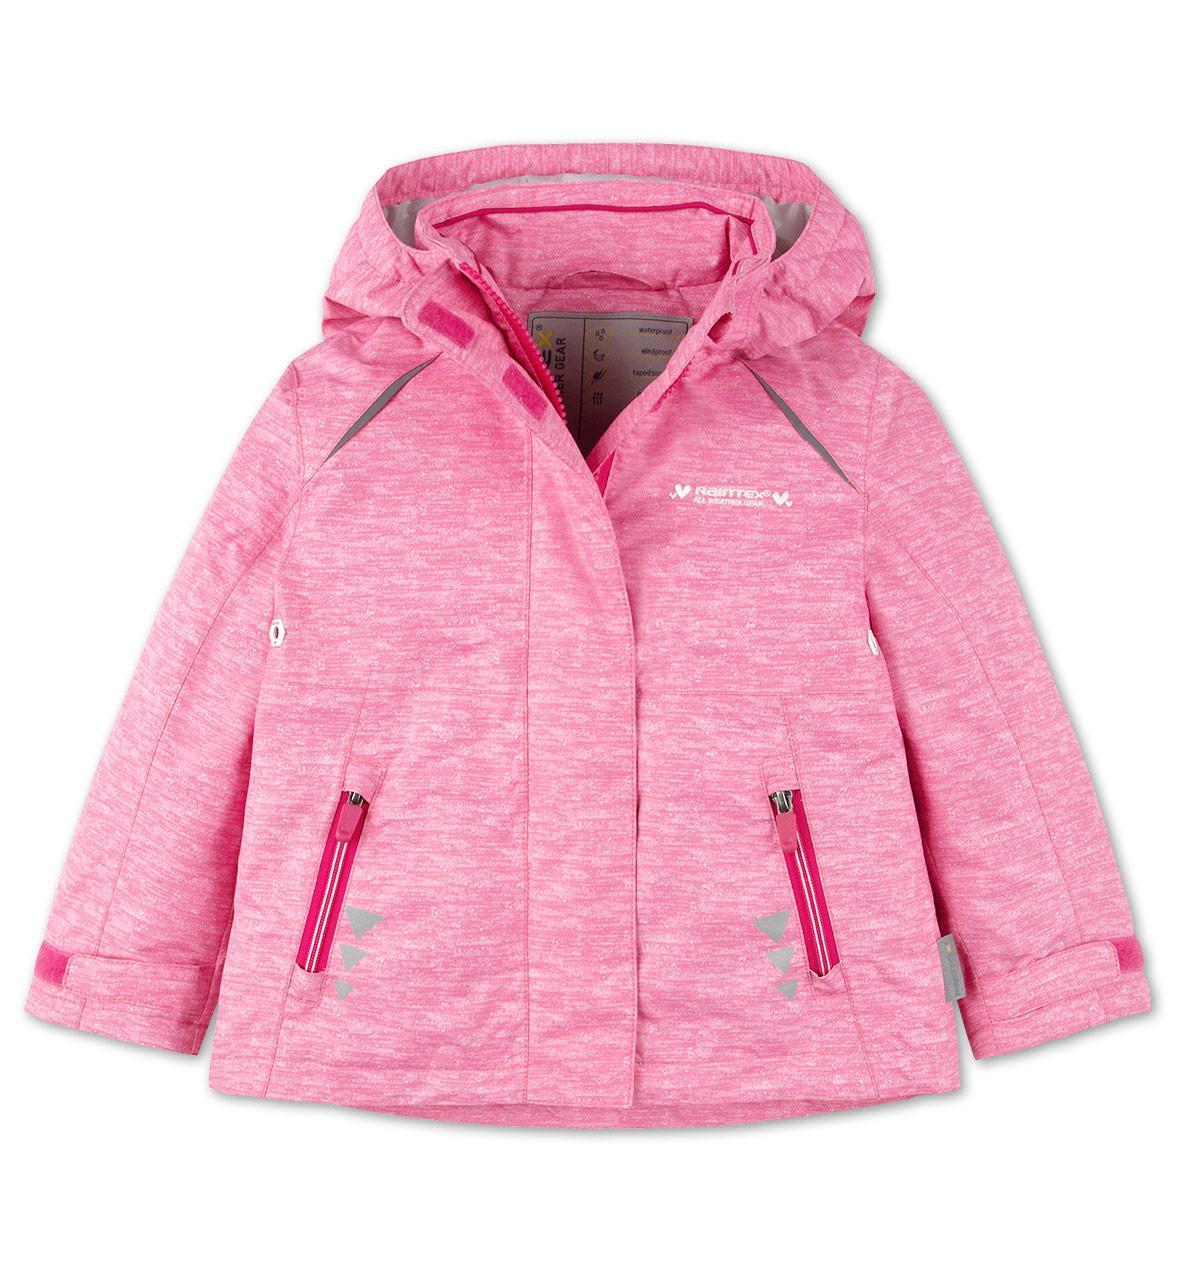 Функциональная куртка Soft Shell Софт Шелл на девочку от C&A Германия Размер 116